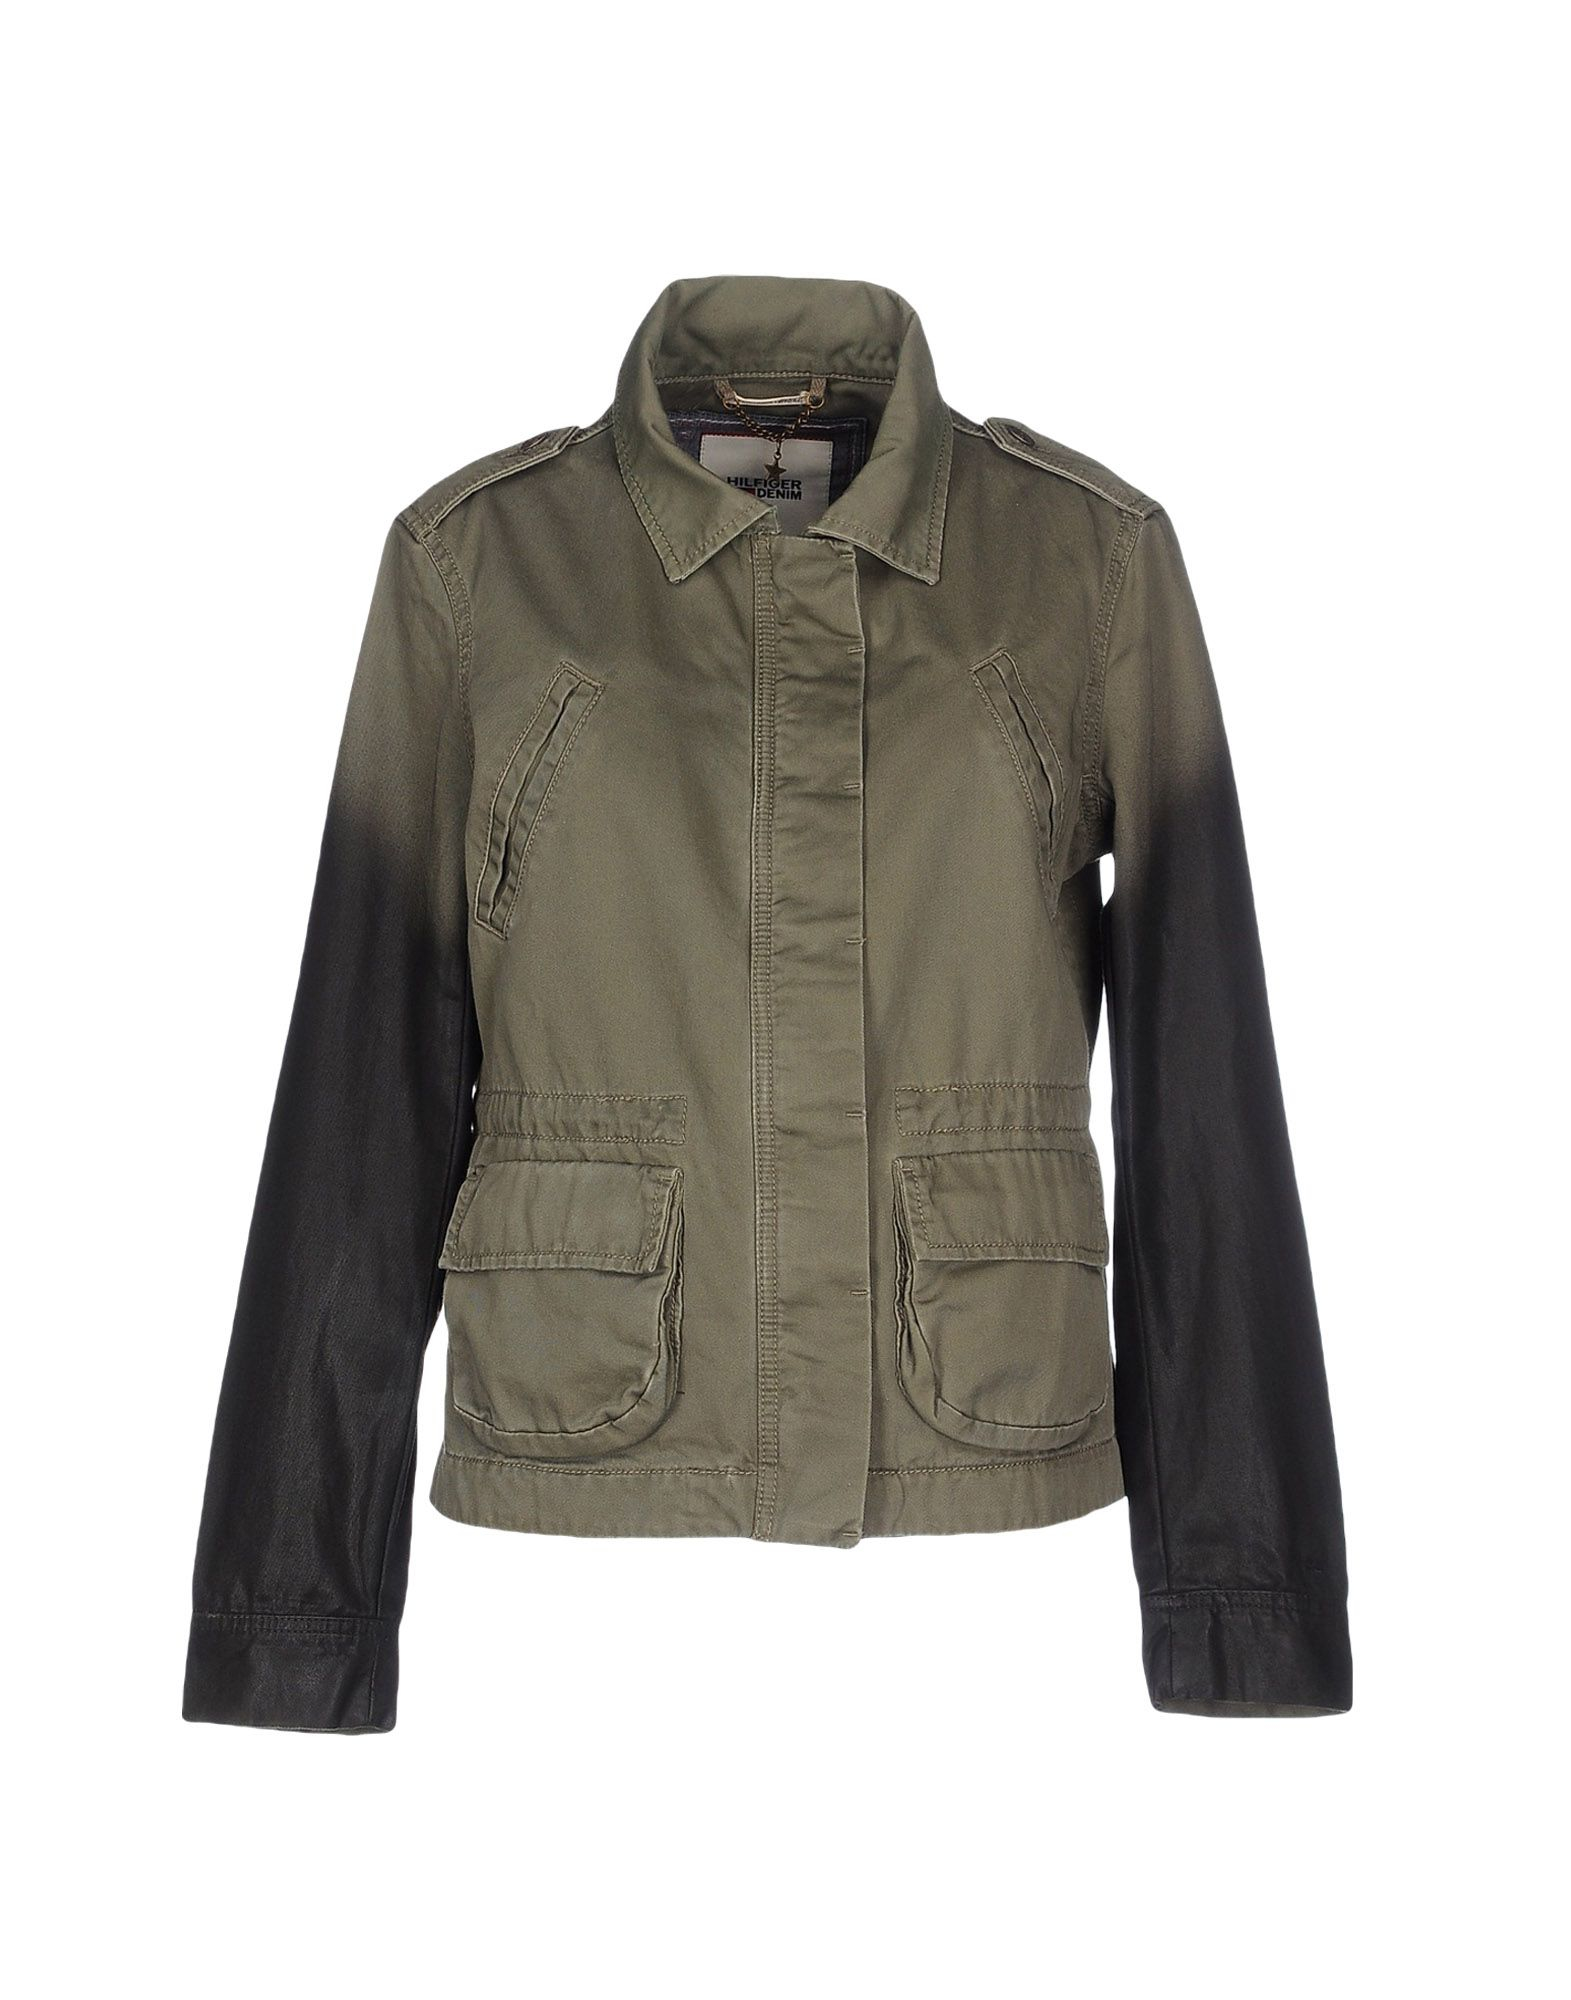 hilfiger denim jacket in green for men military green lyst. Black Bedroom Furniture Sets. Home Design Ideas